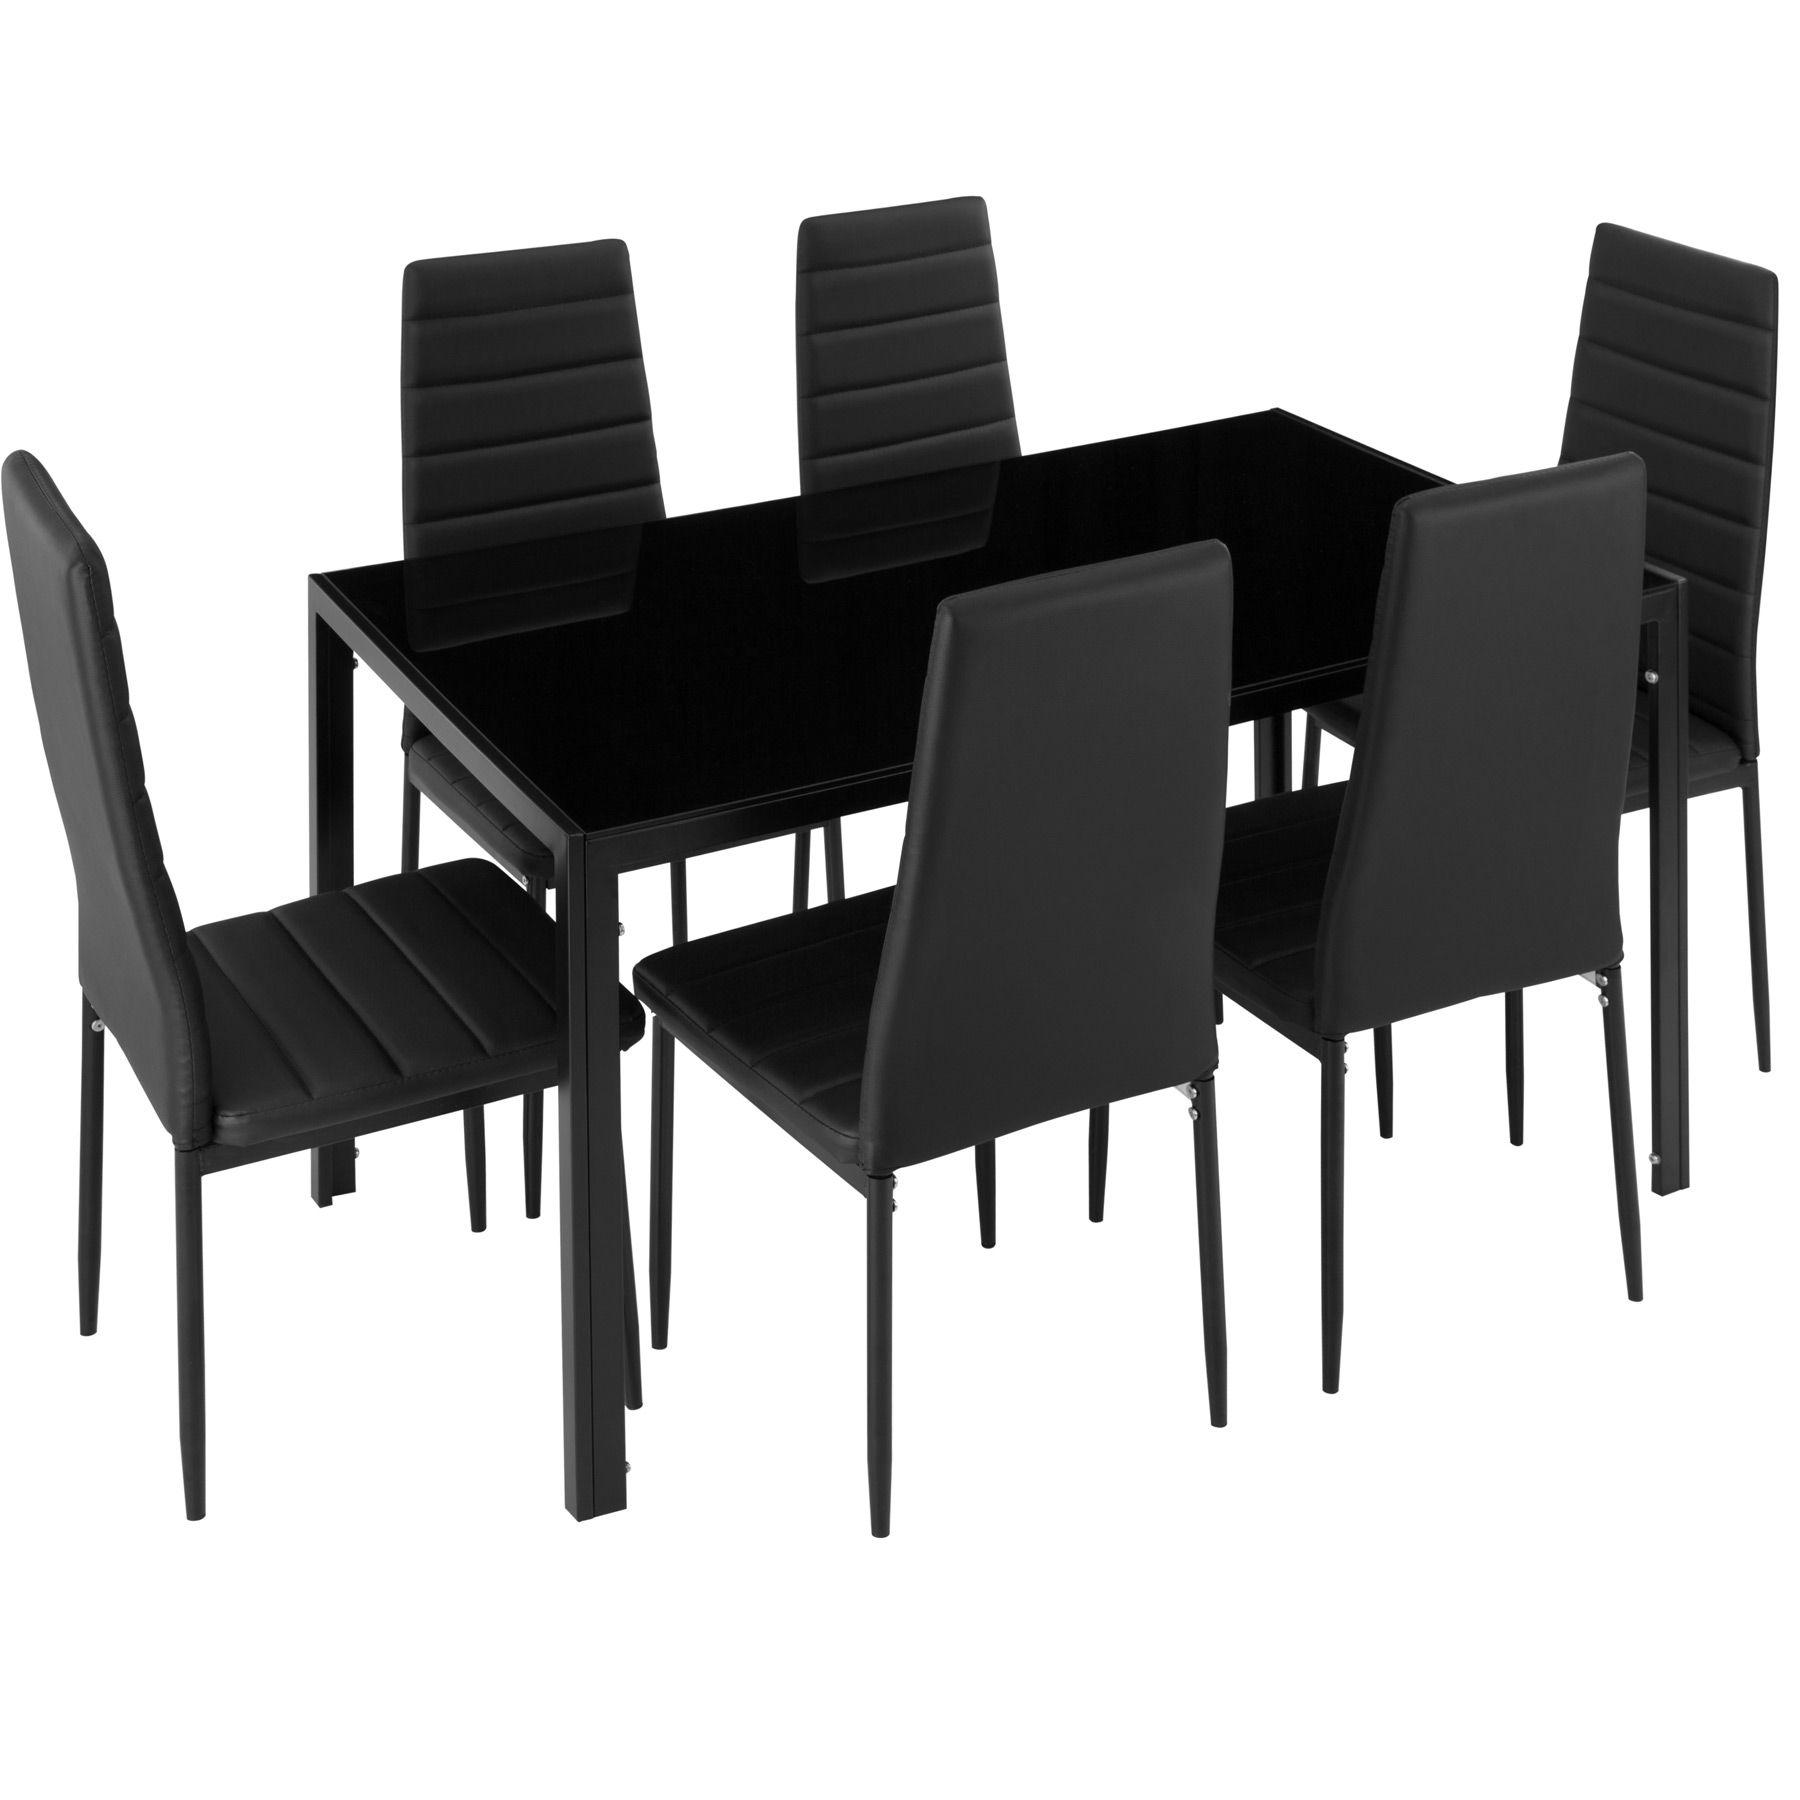 Dettagli su Set di 6 sedia sala da pranzo i tavolo da pranzo di mobili zona pranzo nero nuov